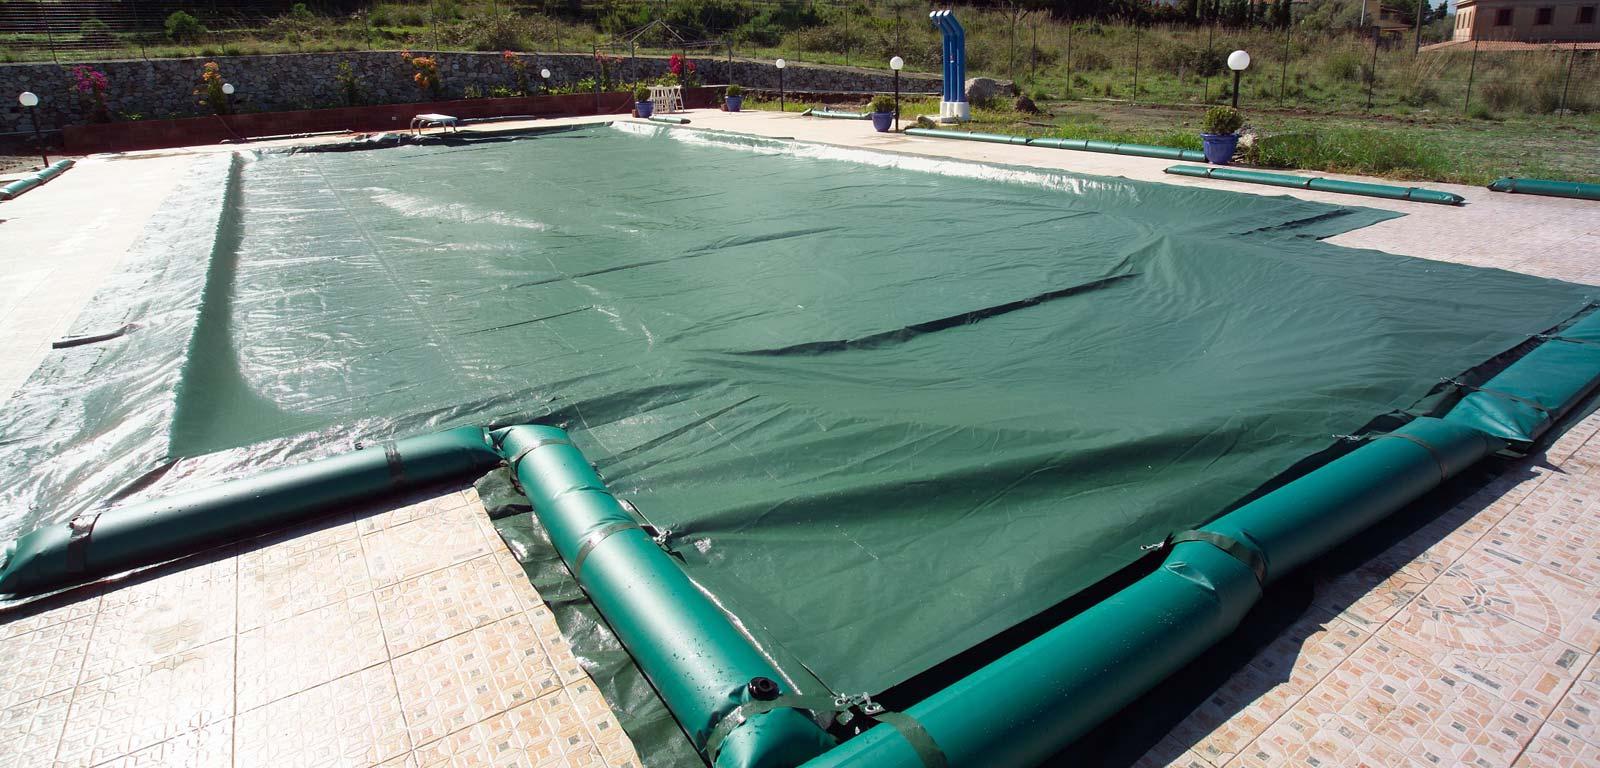 Coperture per piscine accessori piscine castiglione - Teli per copertura piscine fuori terra ...